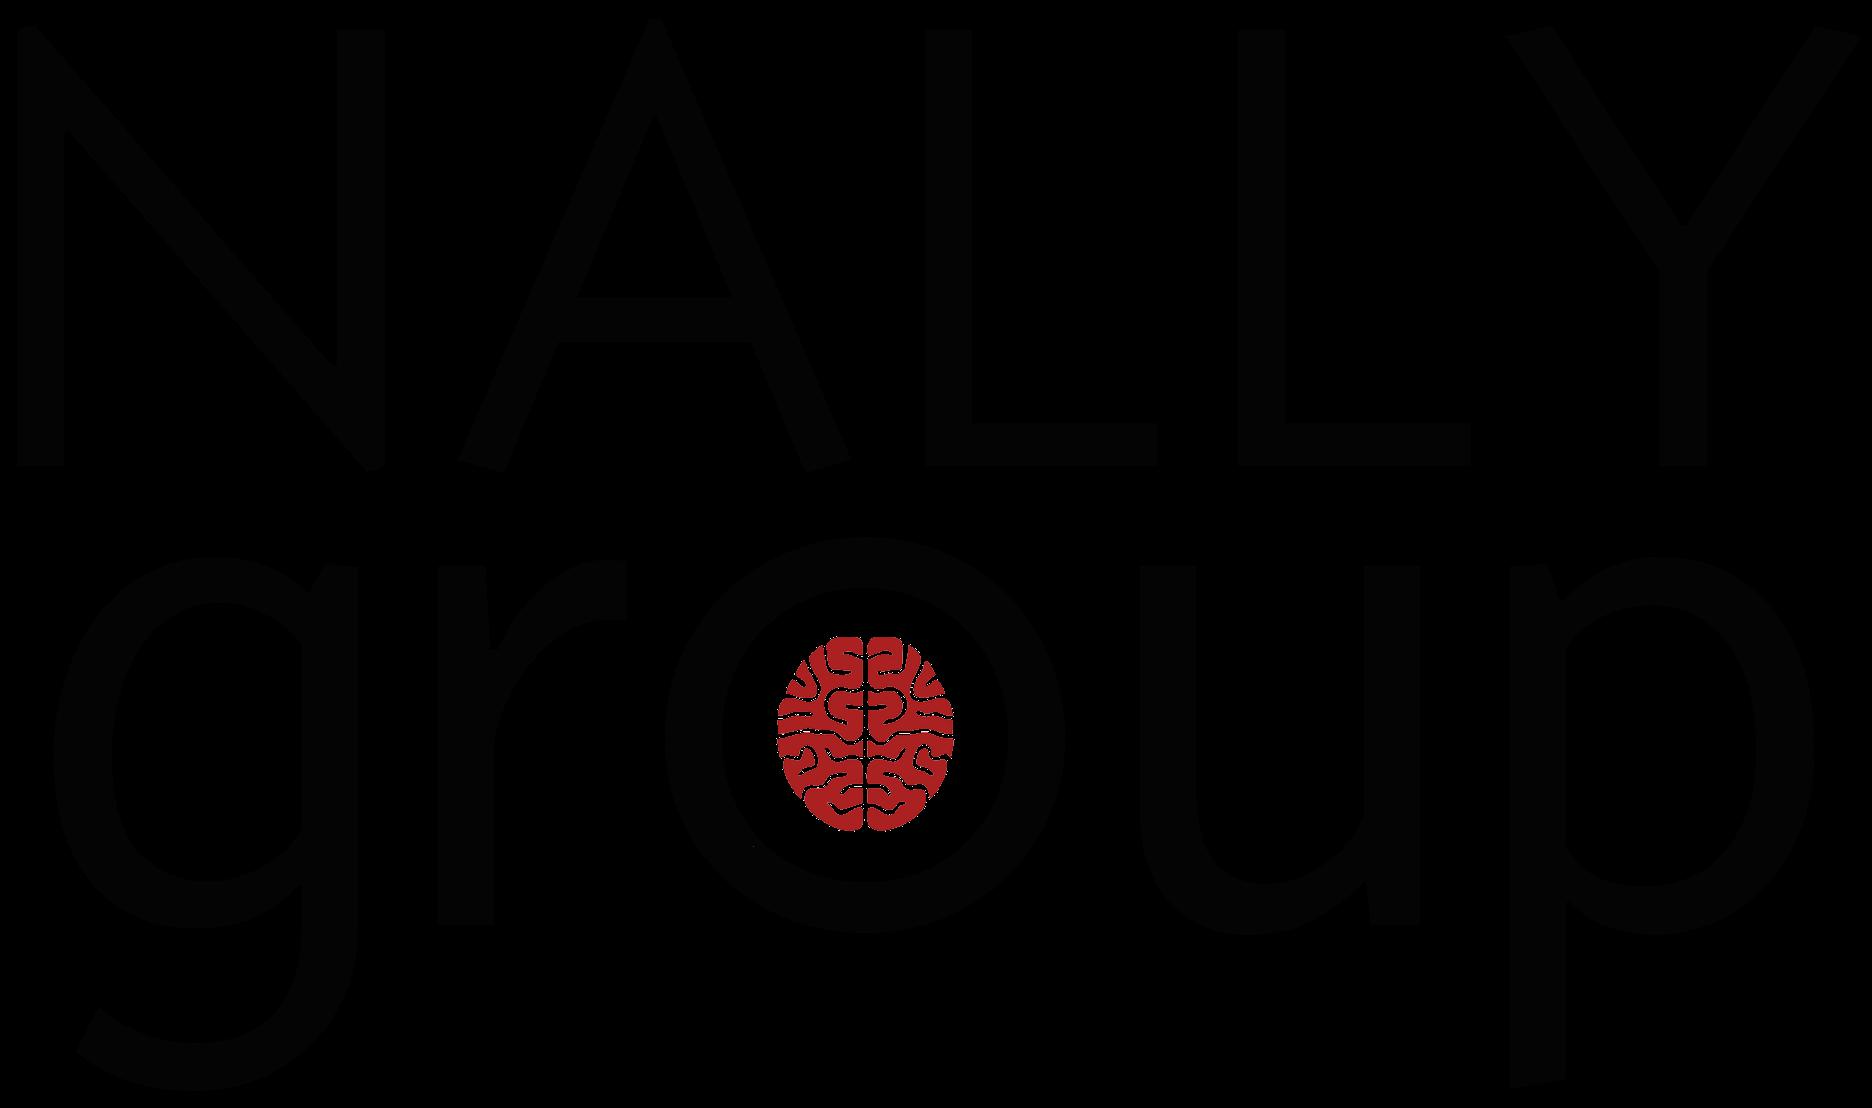 nallygroup.com